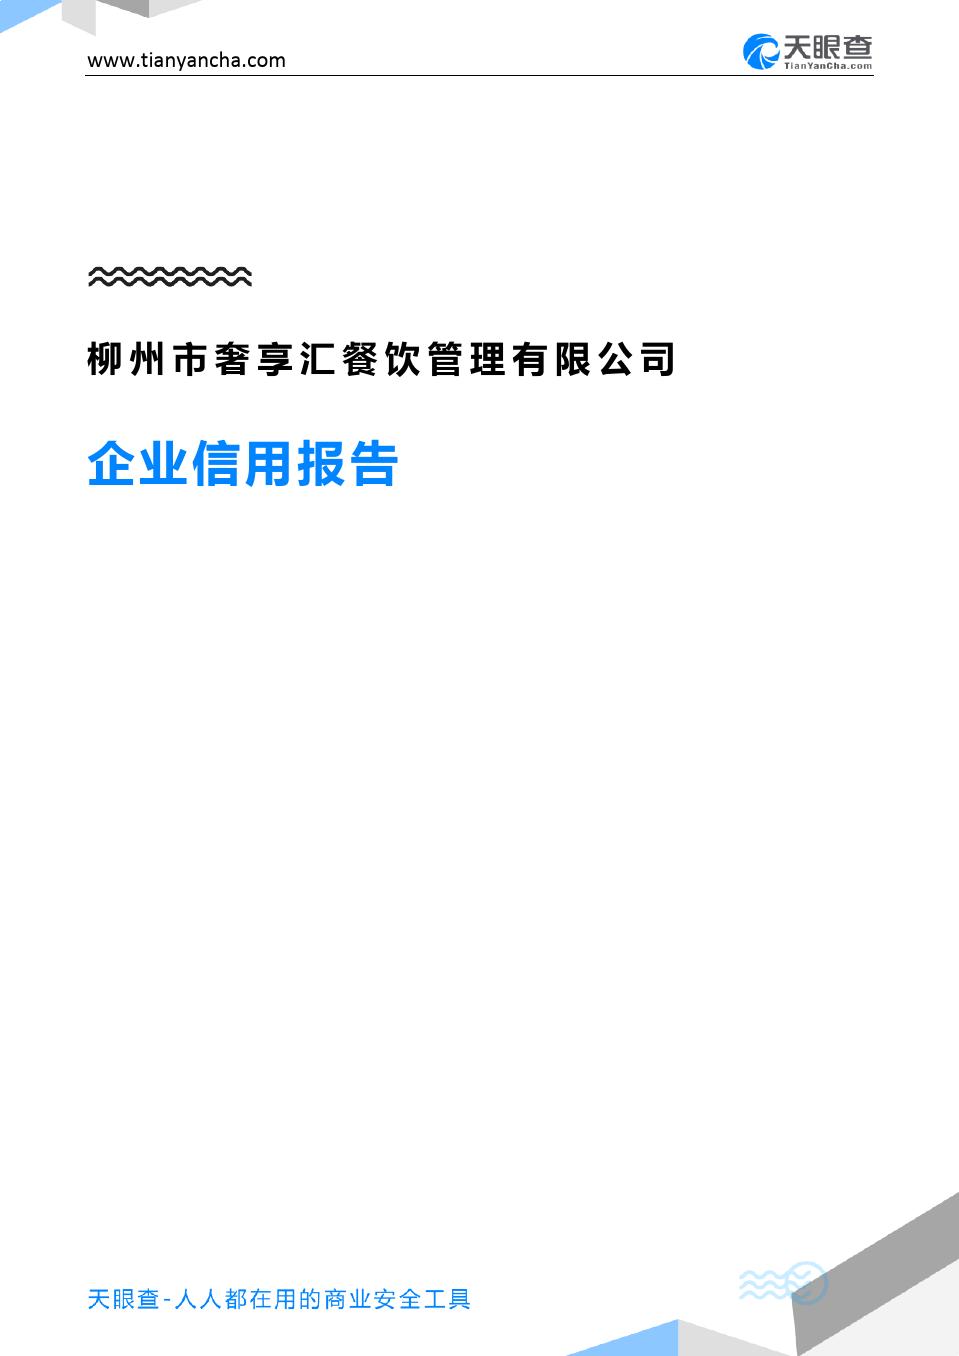 柳州市奢享汇餐饮管理有限公司企业信用报告-天眼查